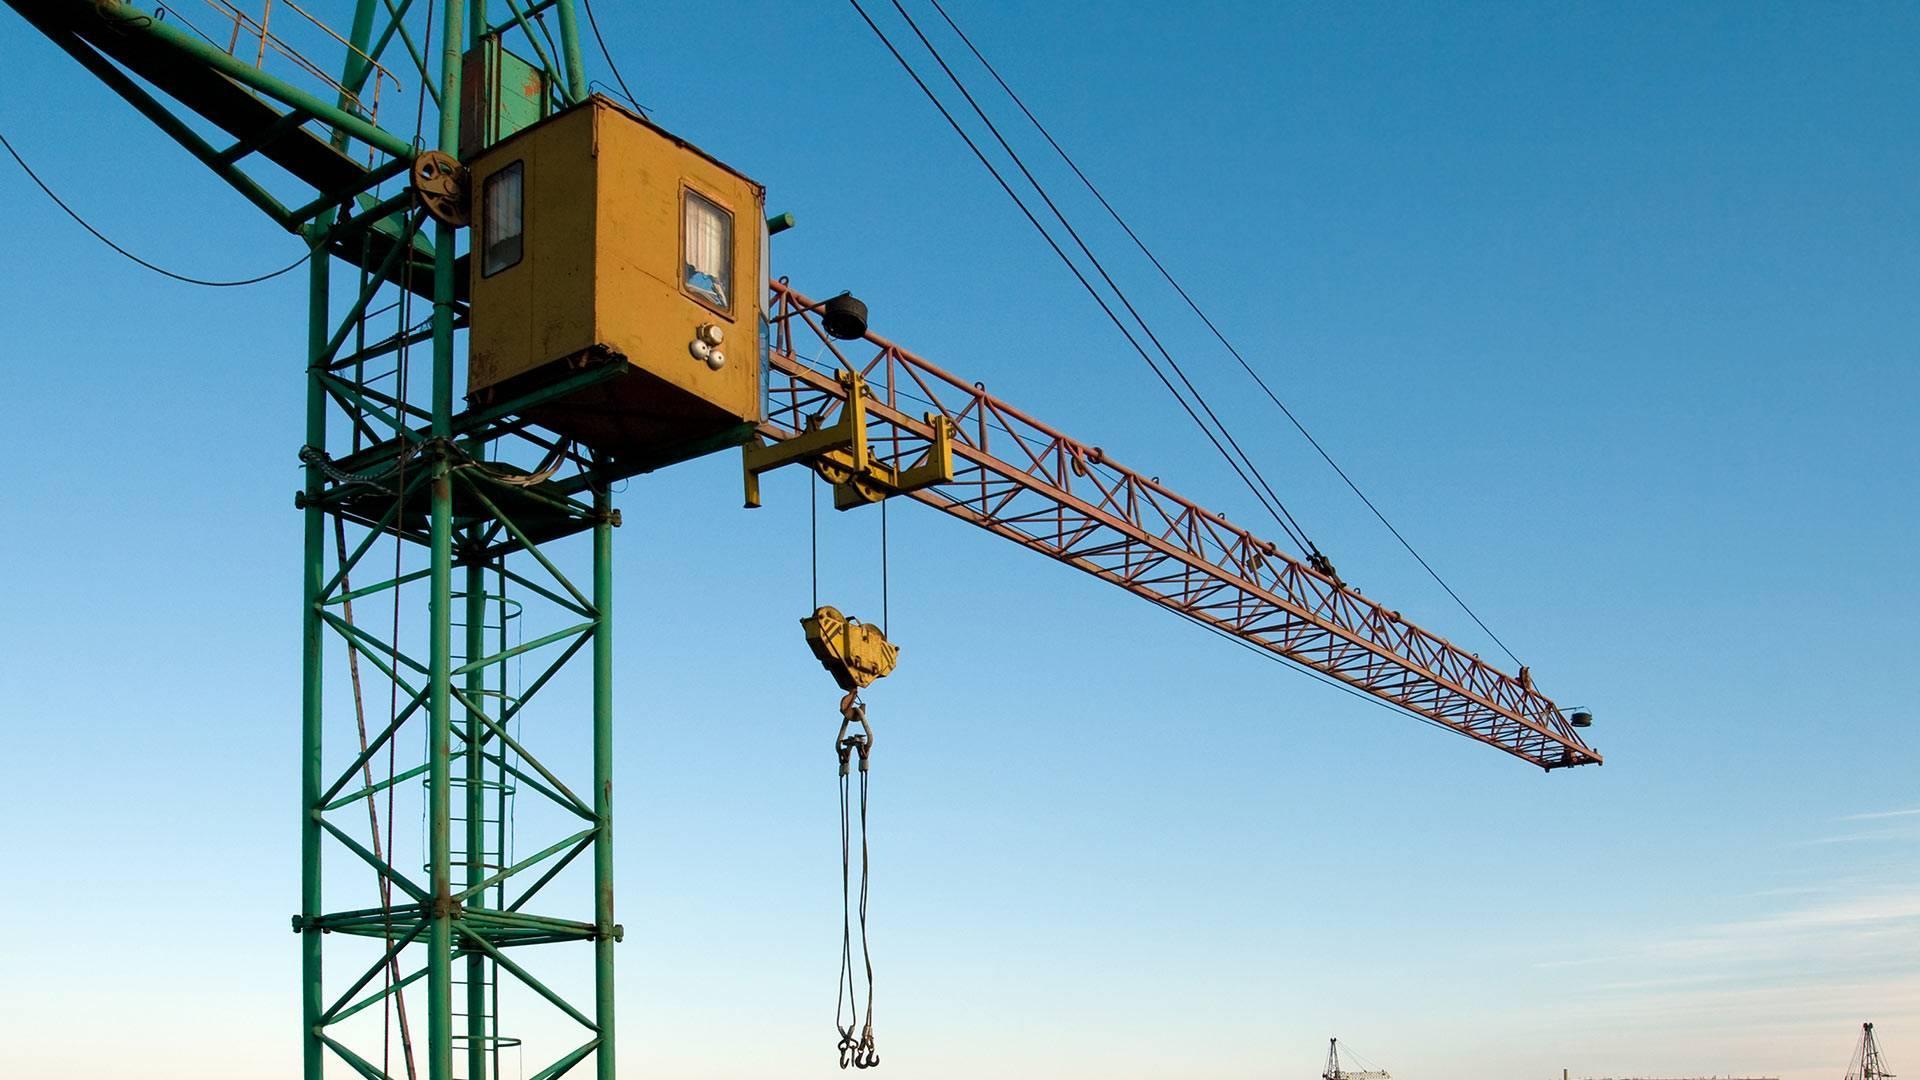 Macchinari per l'edilizia civile ed industriale